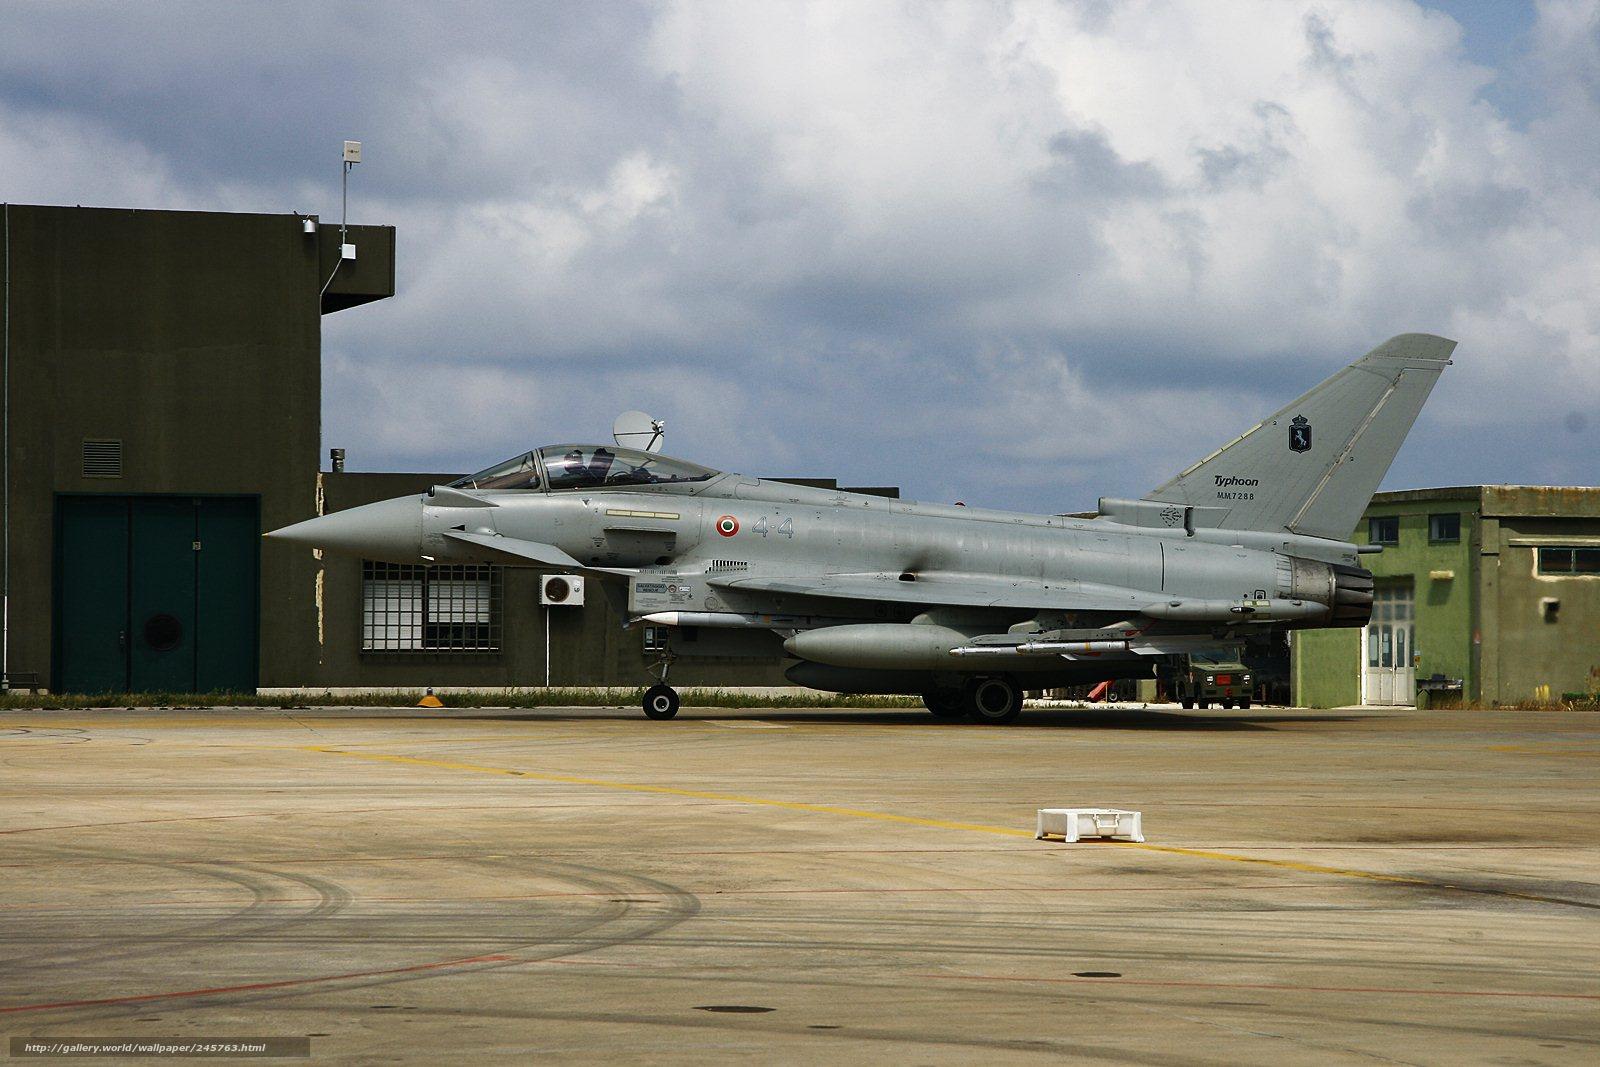 Скачать обои Europower,   Typhoon,   истребитель бесплатно для рабочего стола в разрешении 1600x1067 — картинка №245763